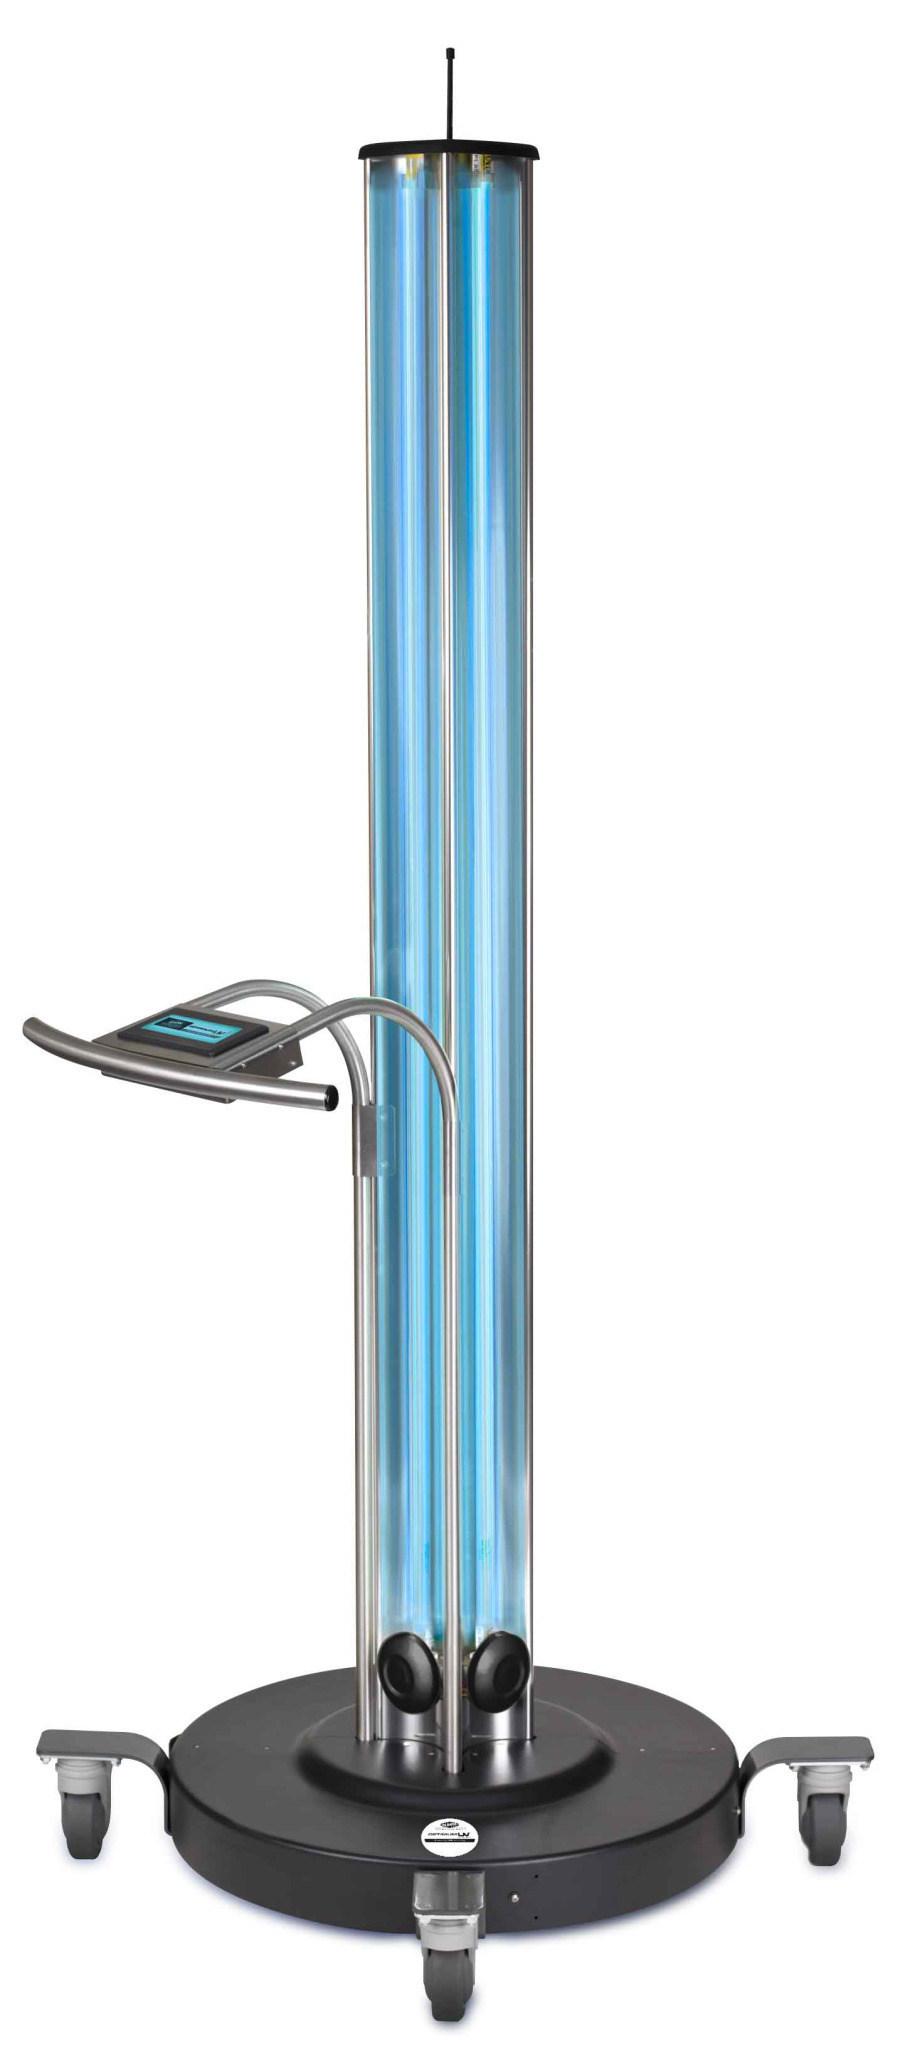 Clorox Healthcare® Optimum-UV® System